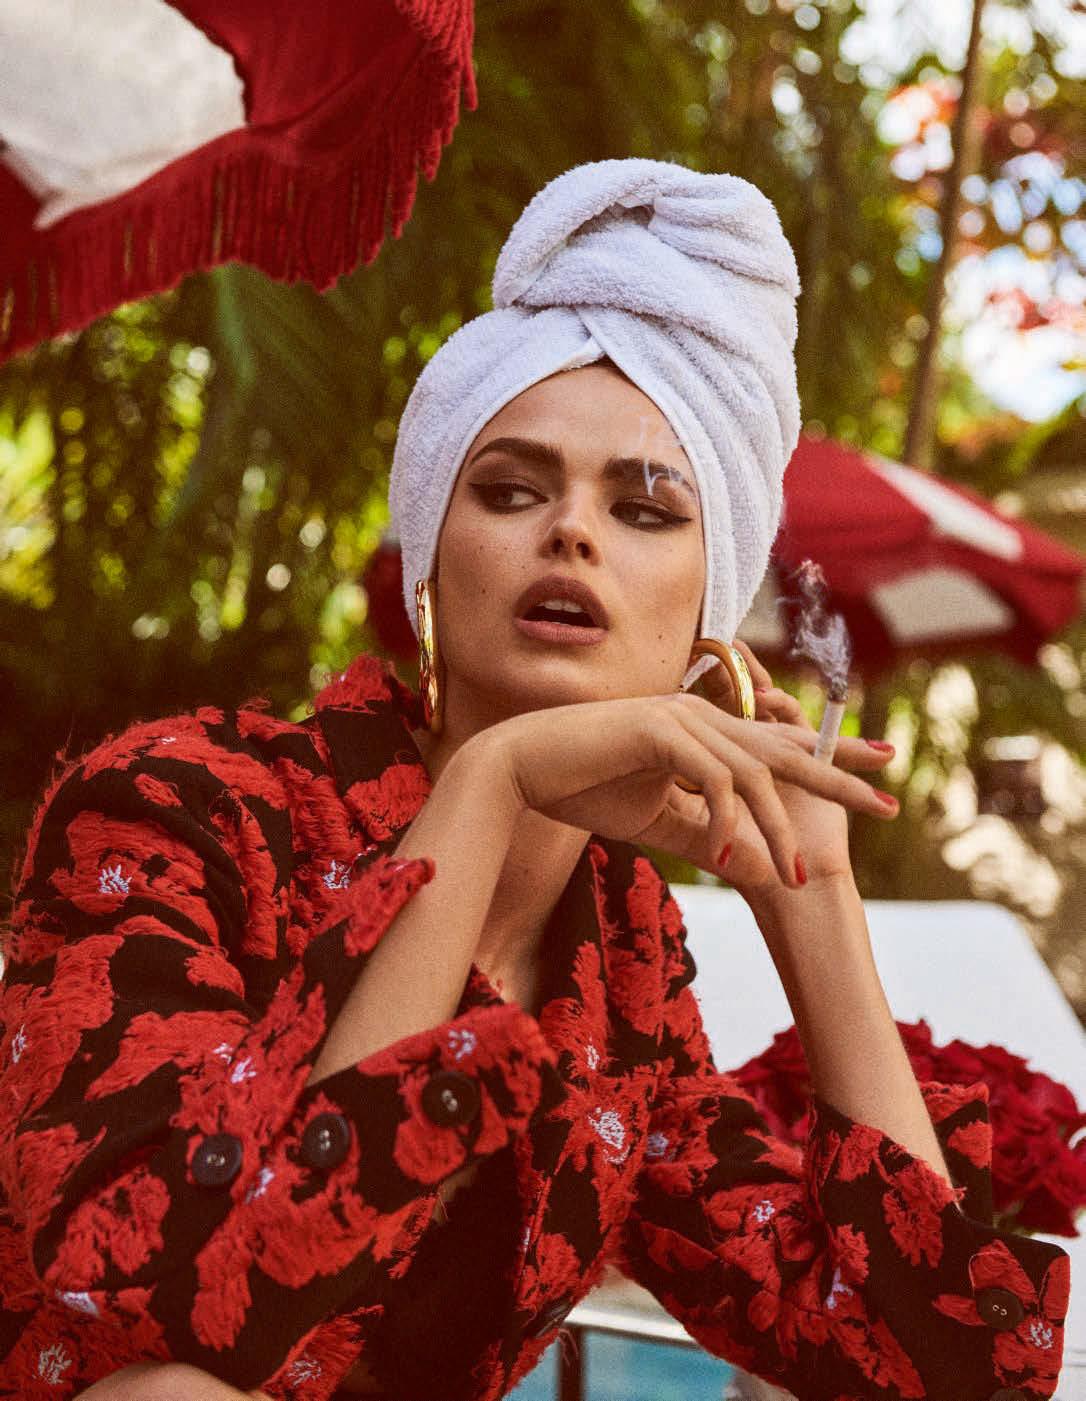 Fleur & Flamme - Birgit Kos For Vogue Germany March 2018 Part 1